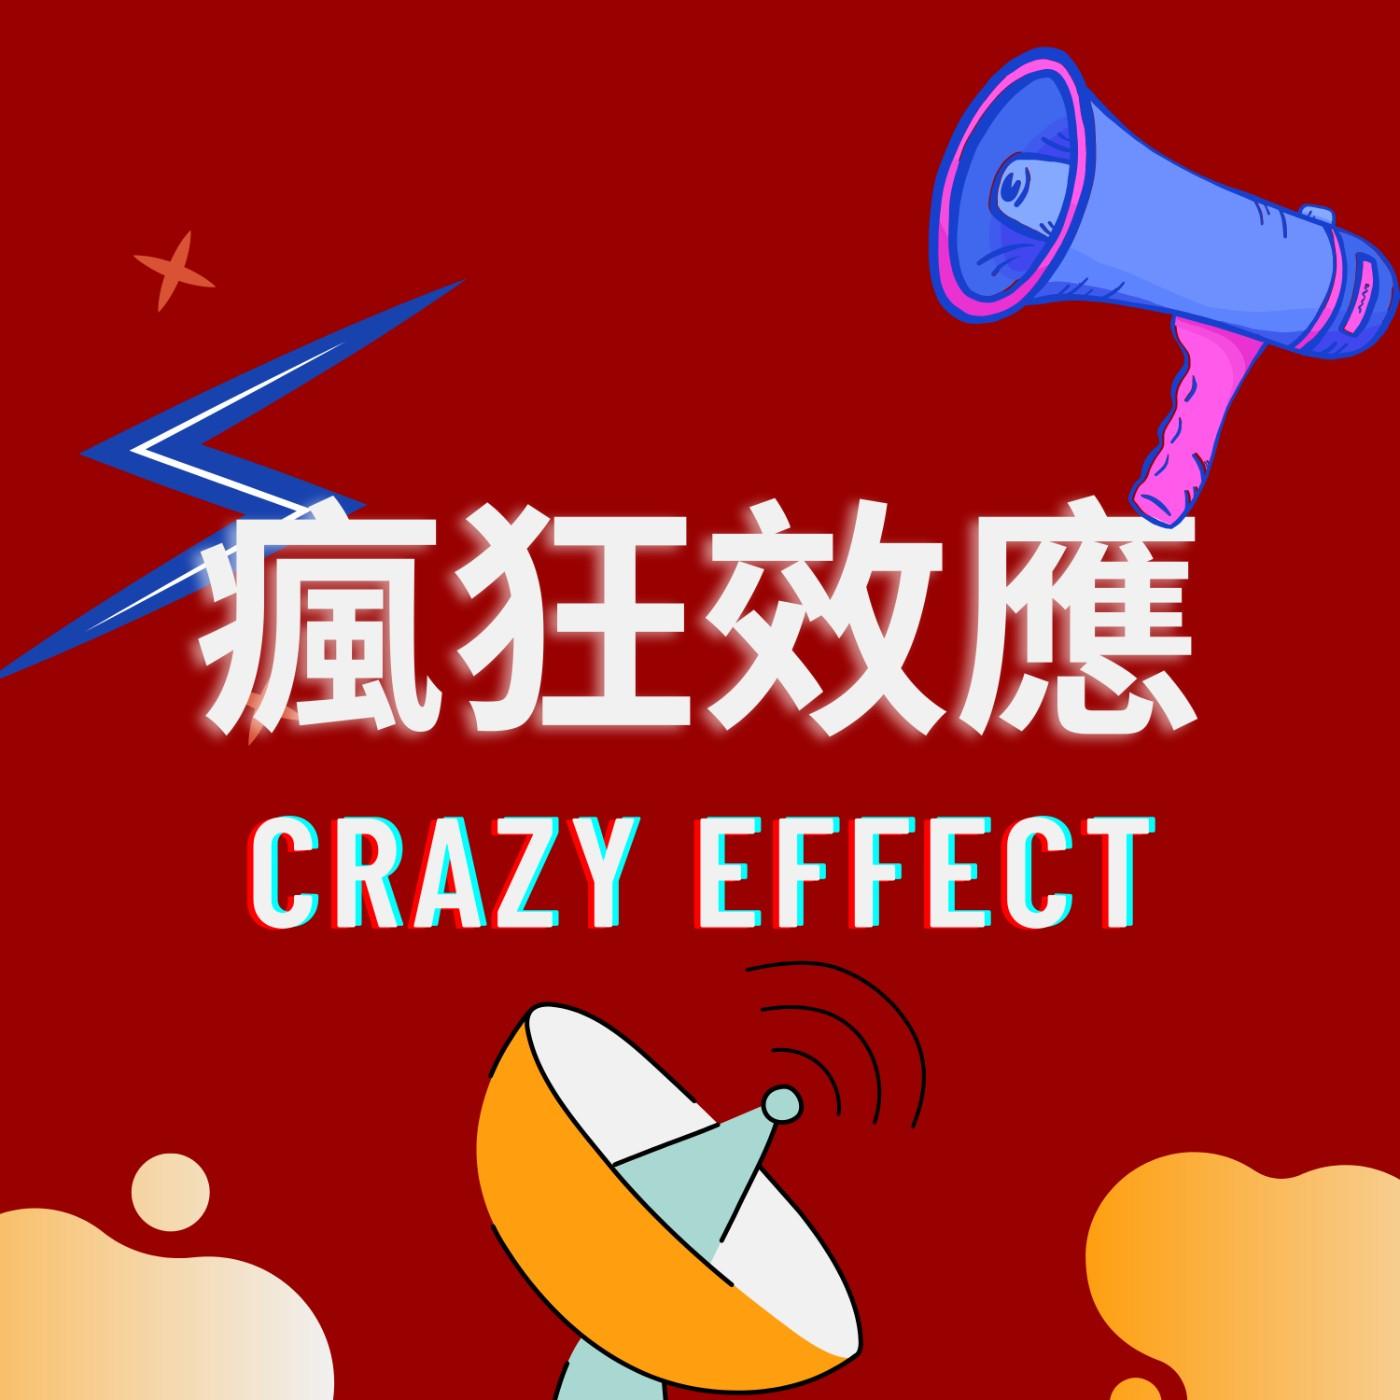 「Crazy  news」印度更名火龍果為蓮花、去台灣就好馬克杯大賣、來我家犯罪拜託